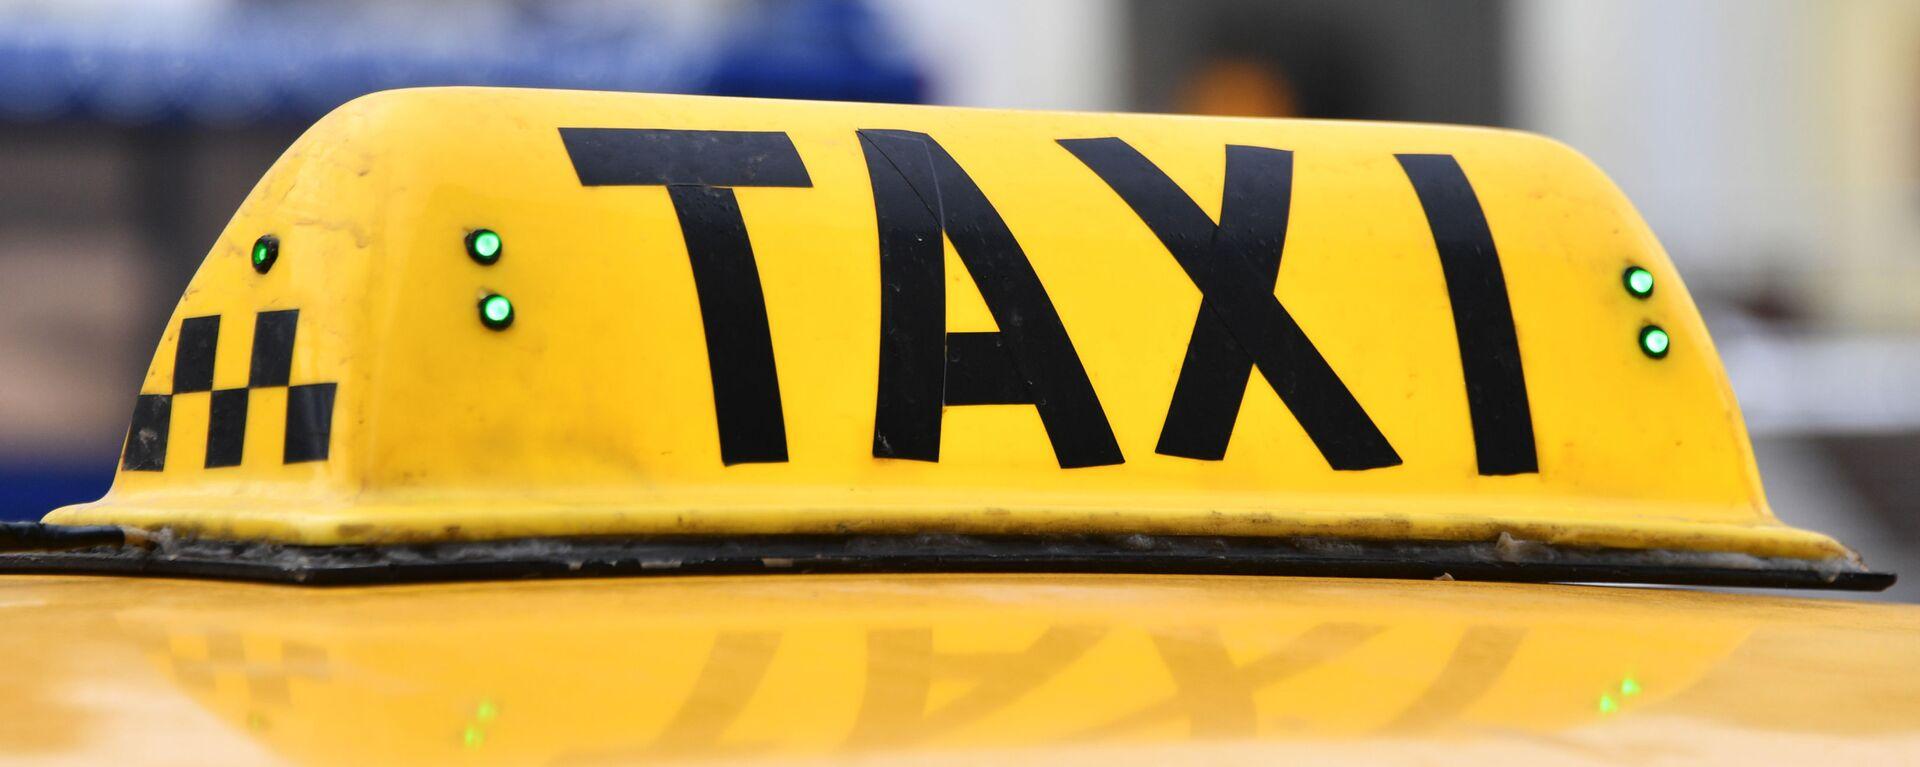 Машина такси - Sputnik Беларусь, 1920, 14.06.2021